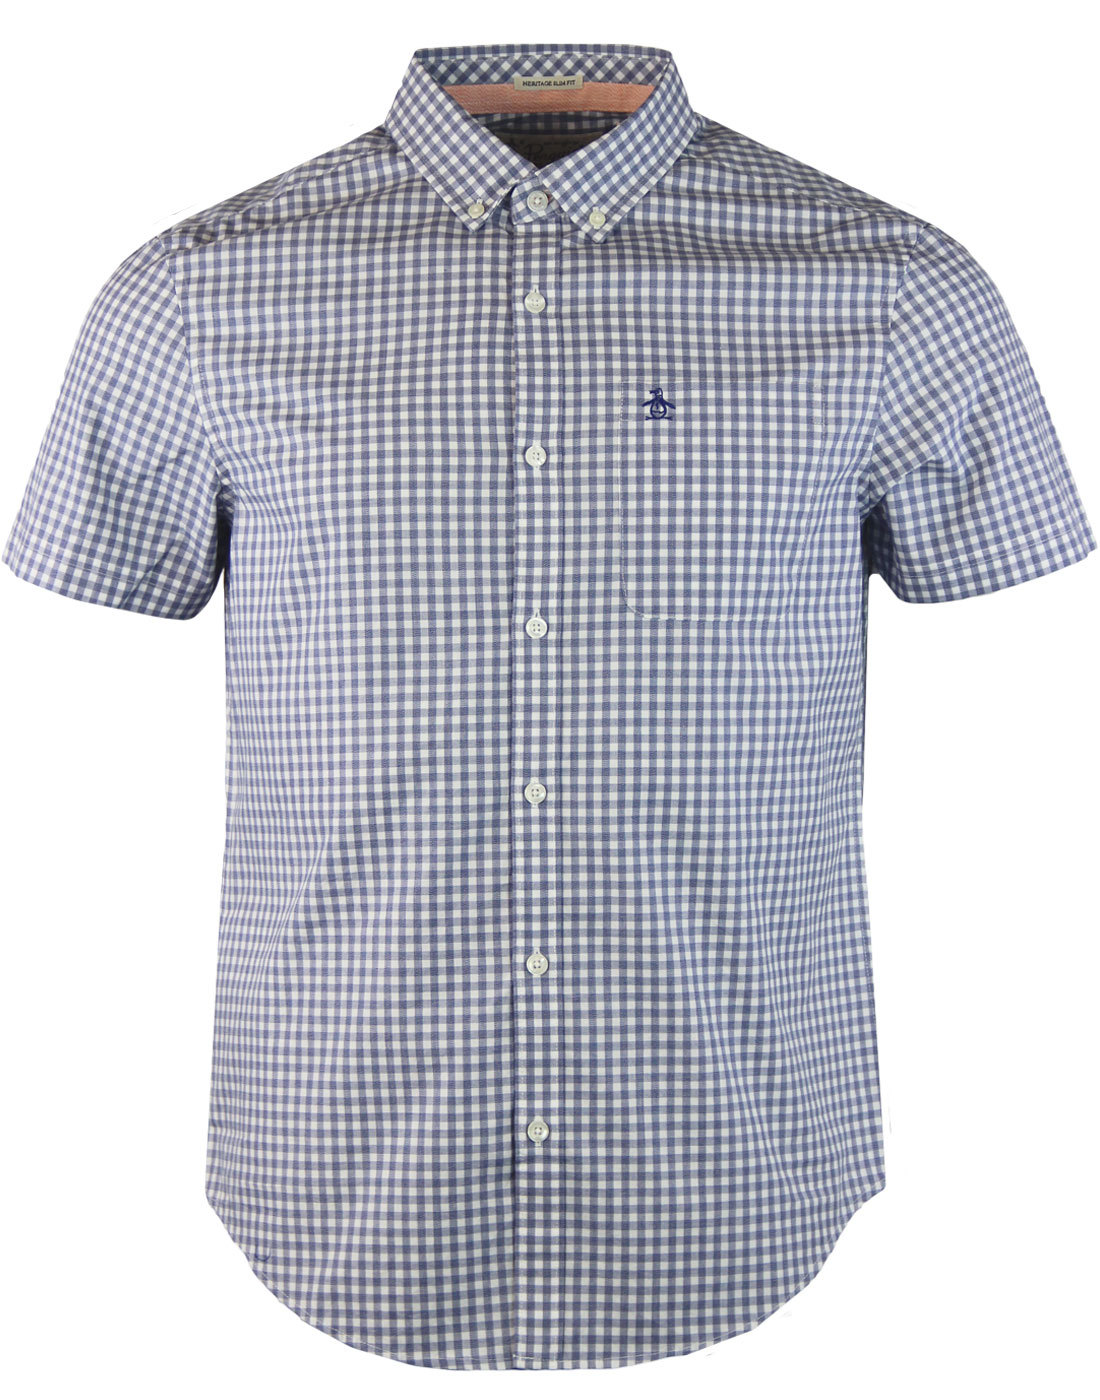 ORIGINAL PENGUIN Retro Mod Gingham Jaspe S/S Shirt